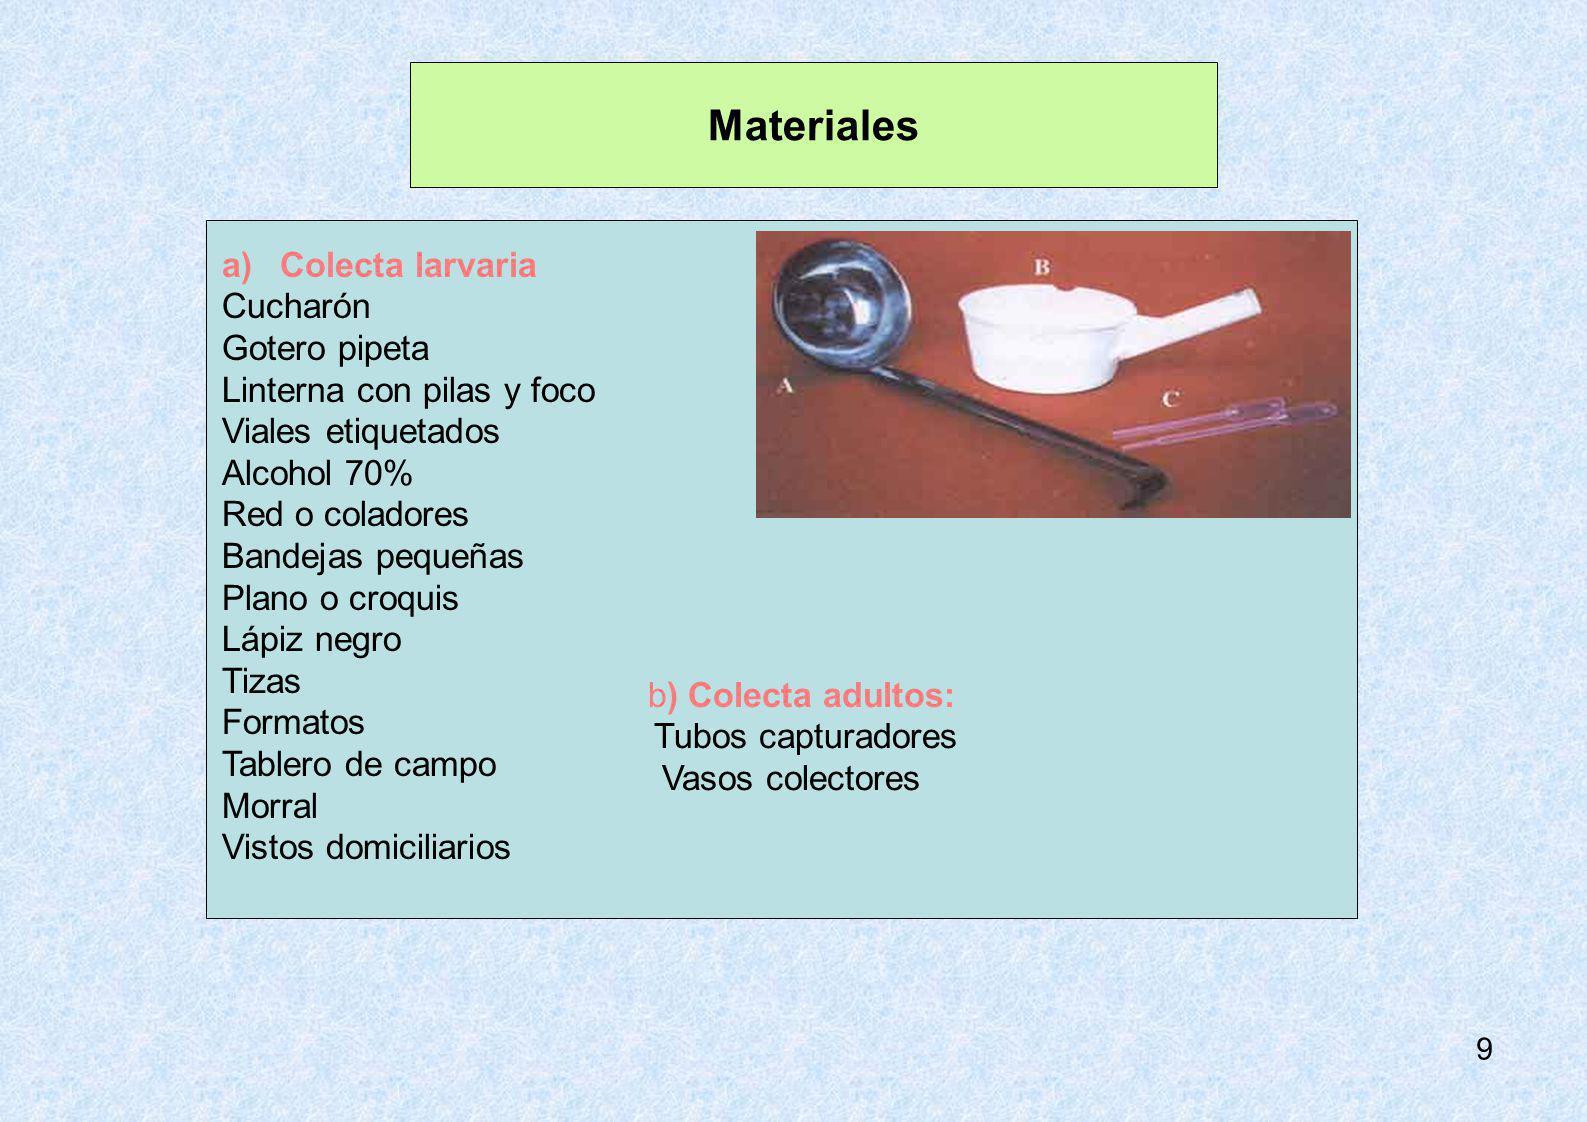 Materiales b) Colecta adultos: Tubos capturadores Vasos colectores